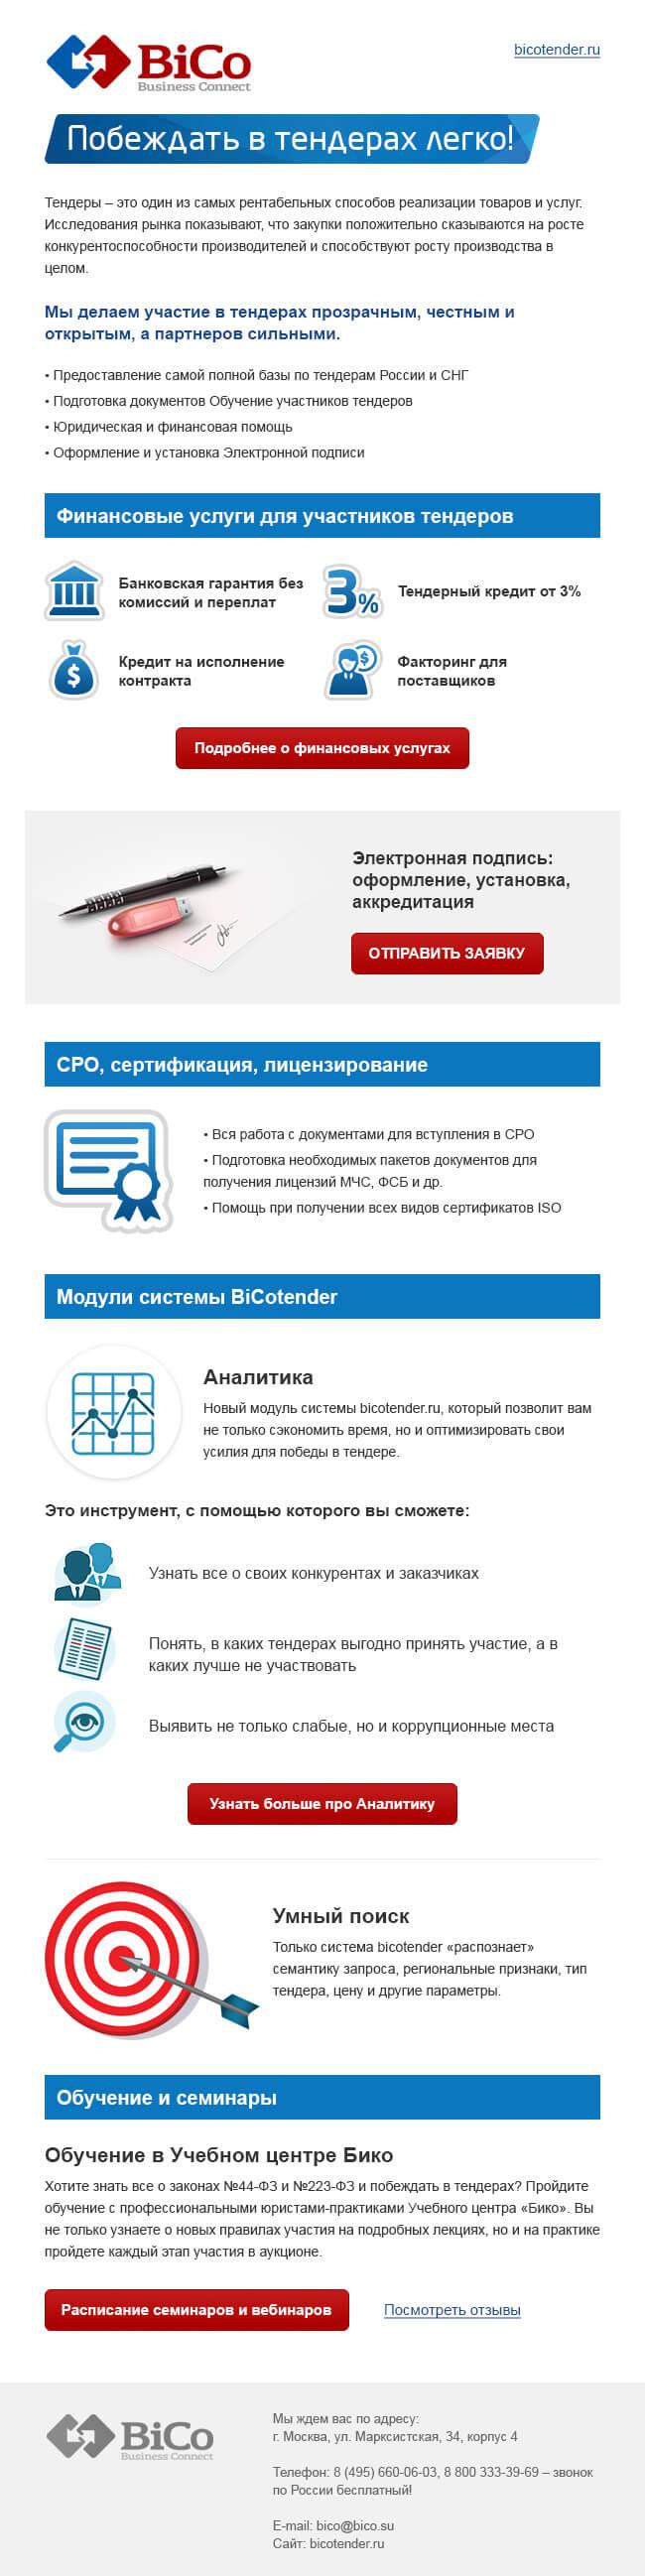 """Предложение сотрудничества от компании """"BiCo"""""""